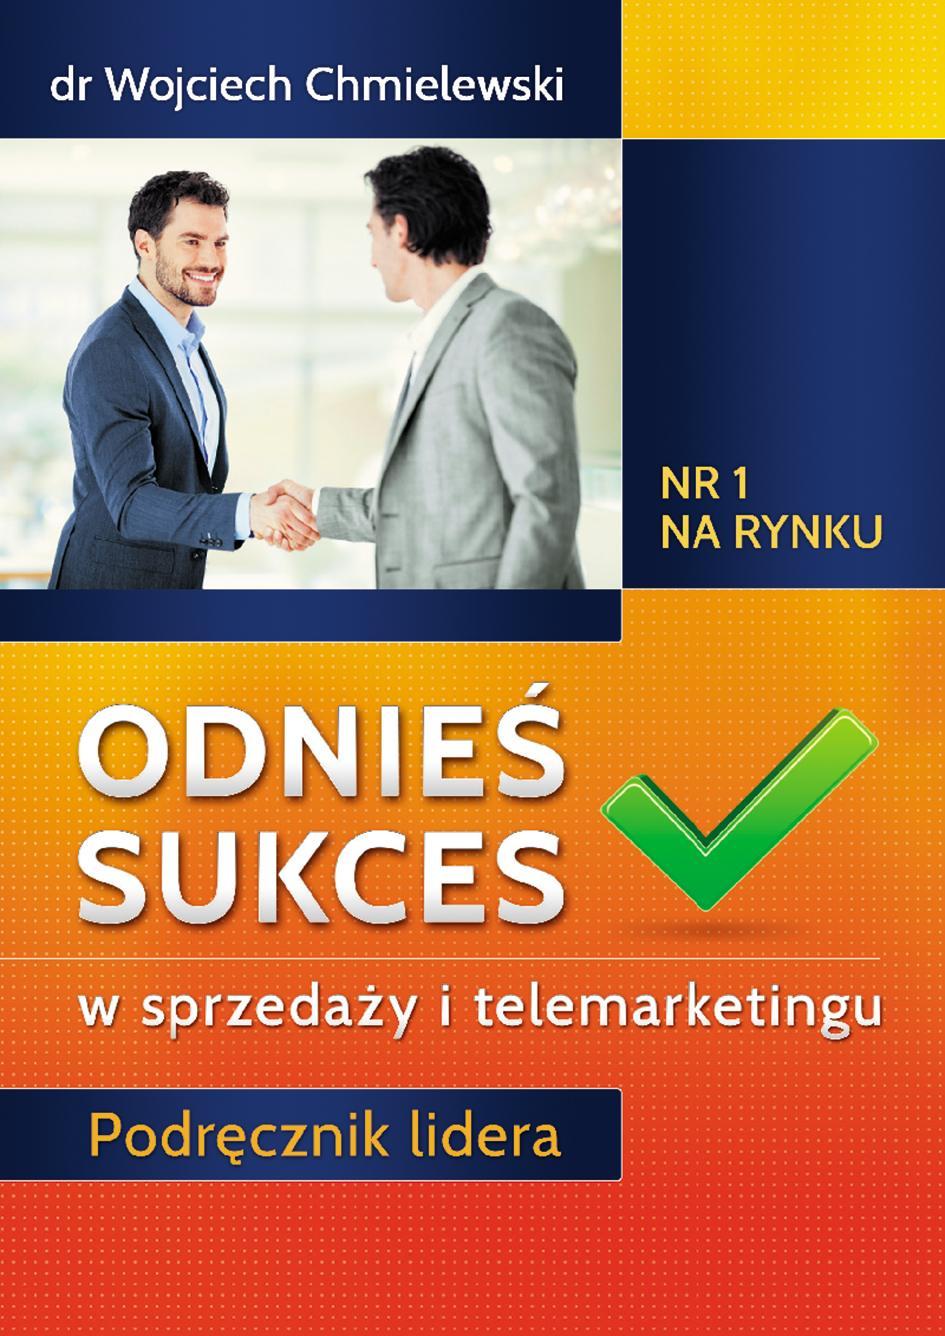 Odnieś sukces w sprzedaży i telemarketingu. Podręcznik lidera - Ebook (Książka PDF) do pobrania w formacie PDF